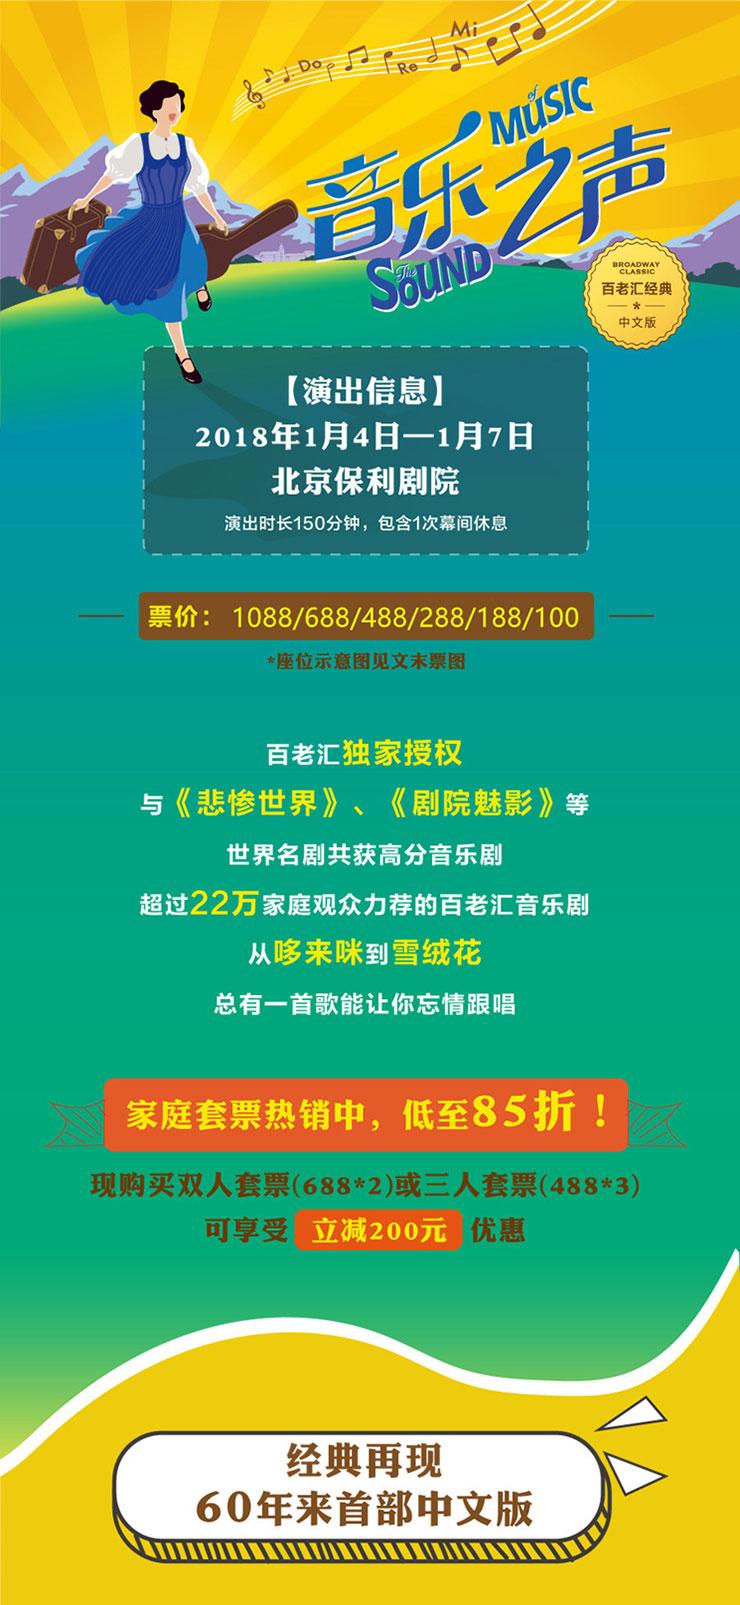 TSOM-开票长图-北京-家庭套票-01.jpg